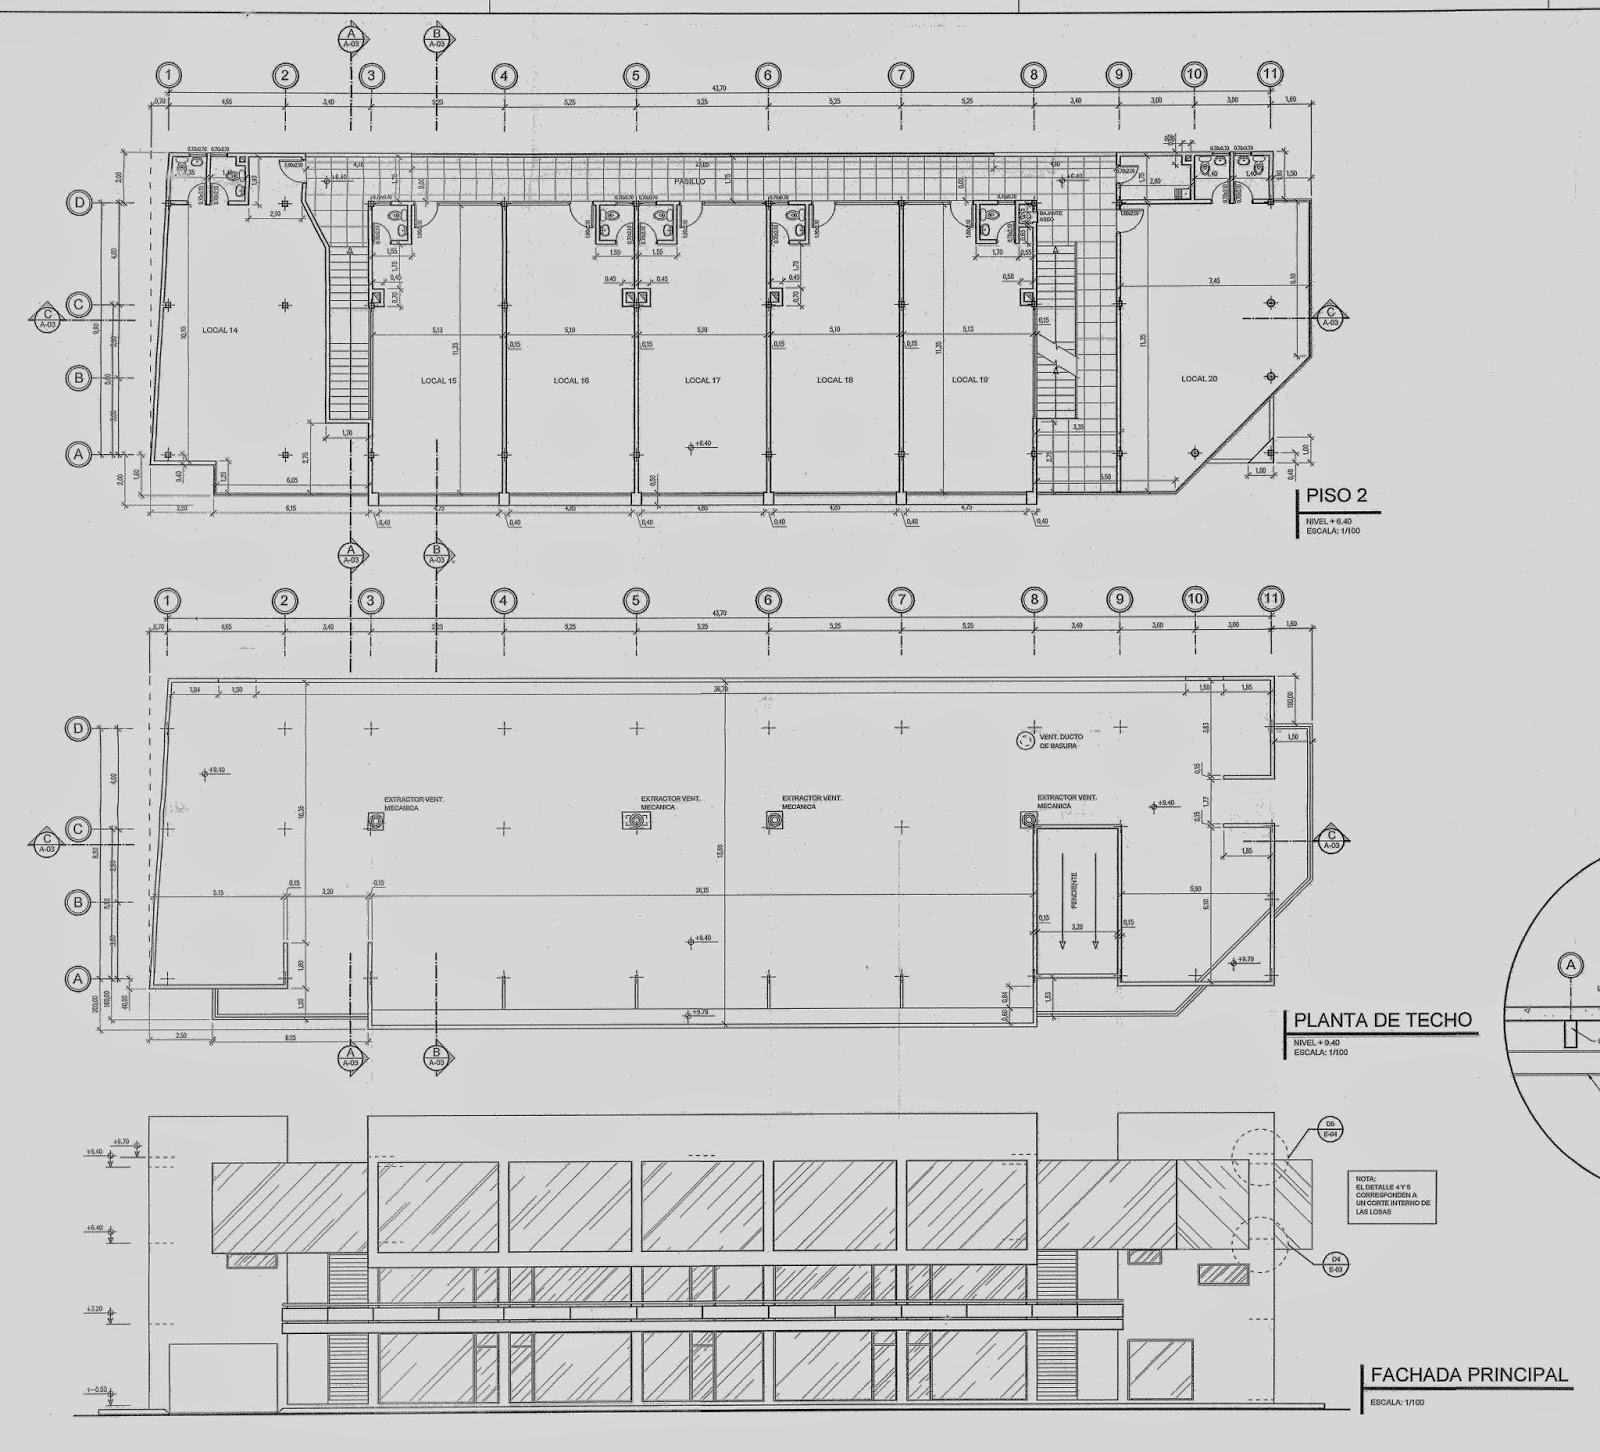 Medidas de los locales comerciales cc las flores cagua for Medidas en arquitectura pdf